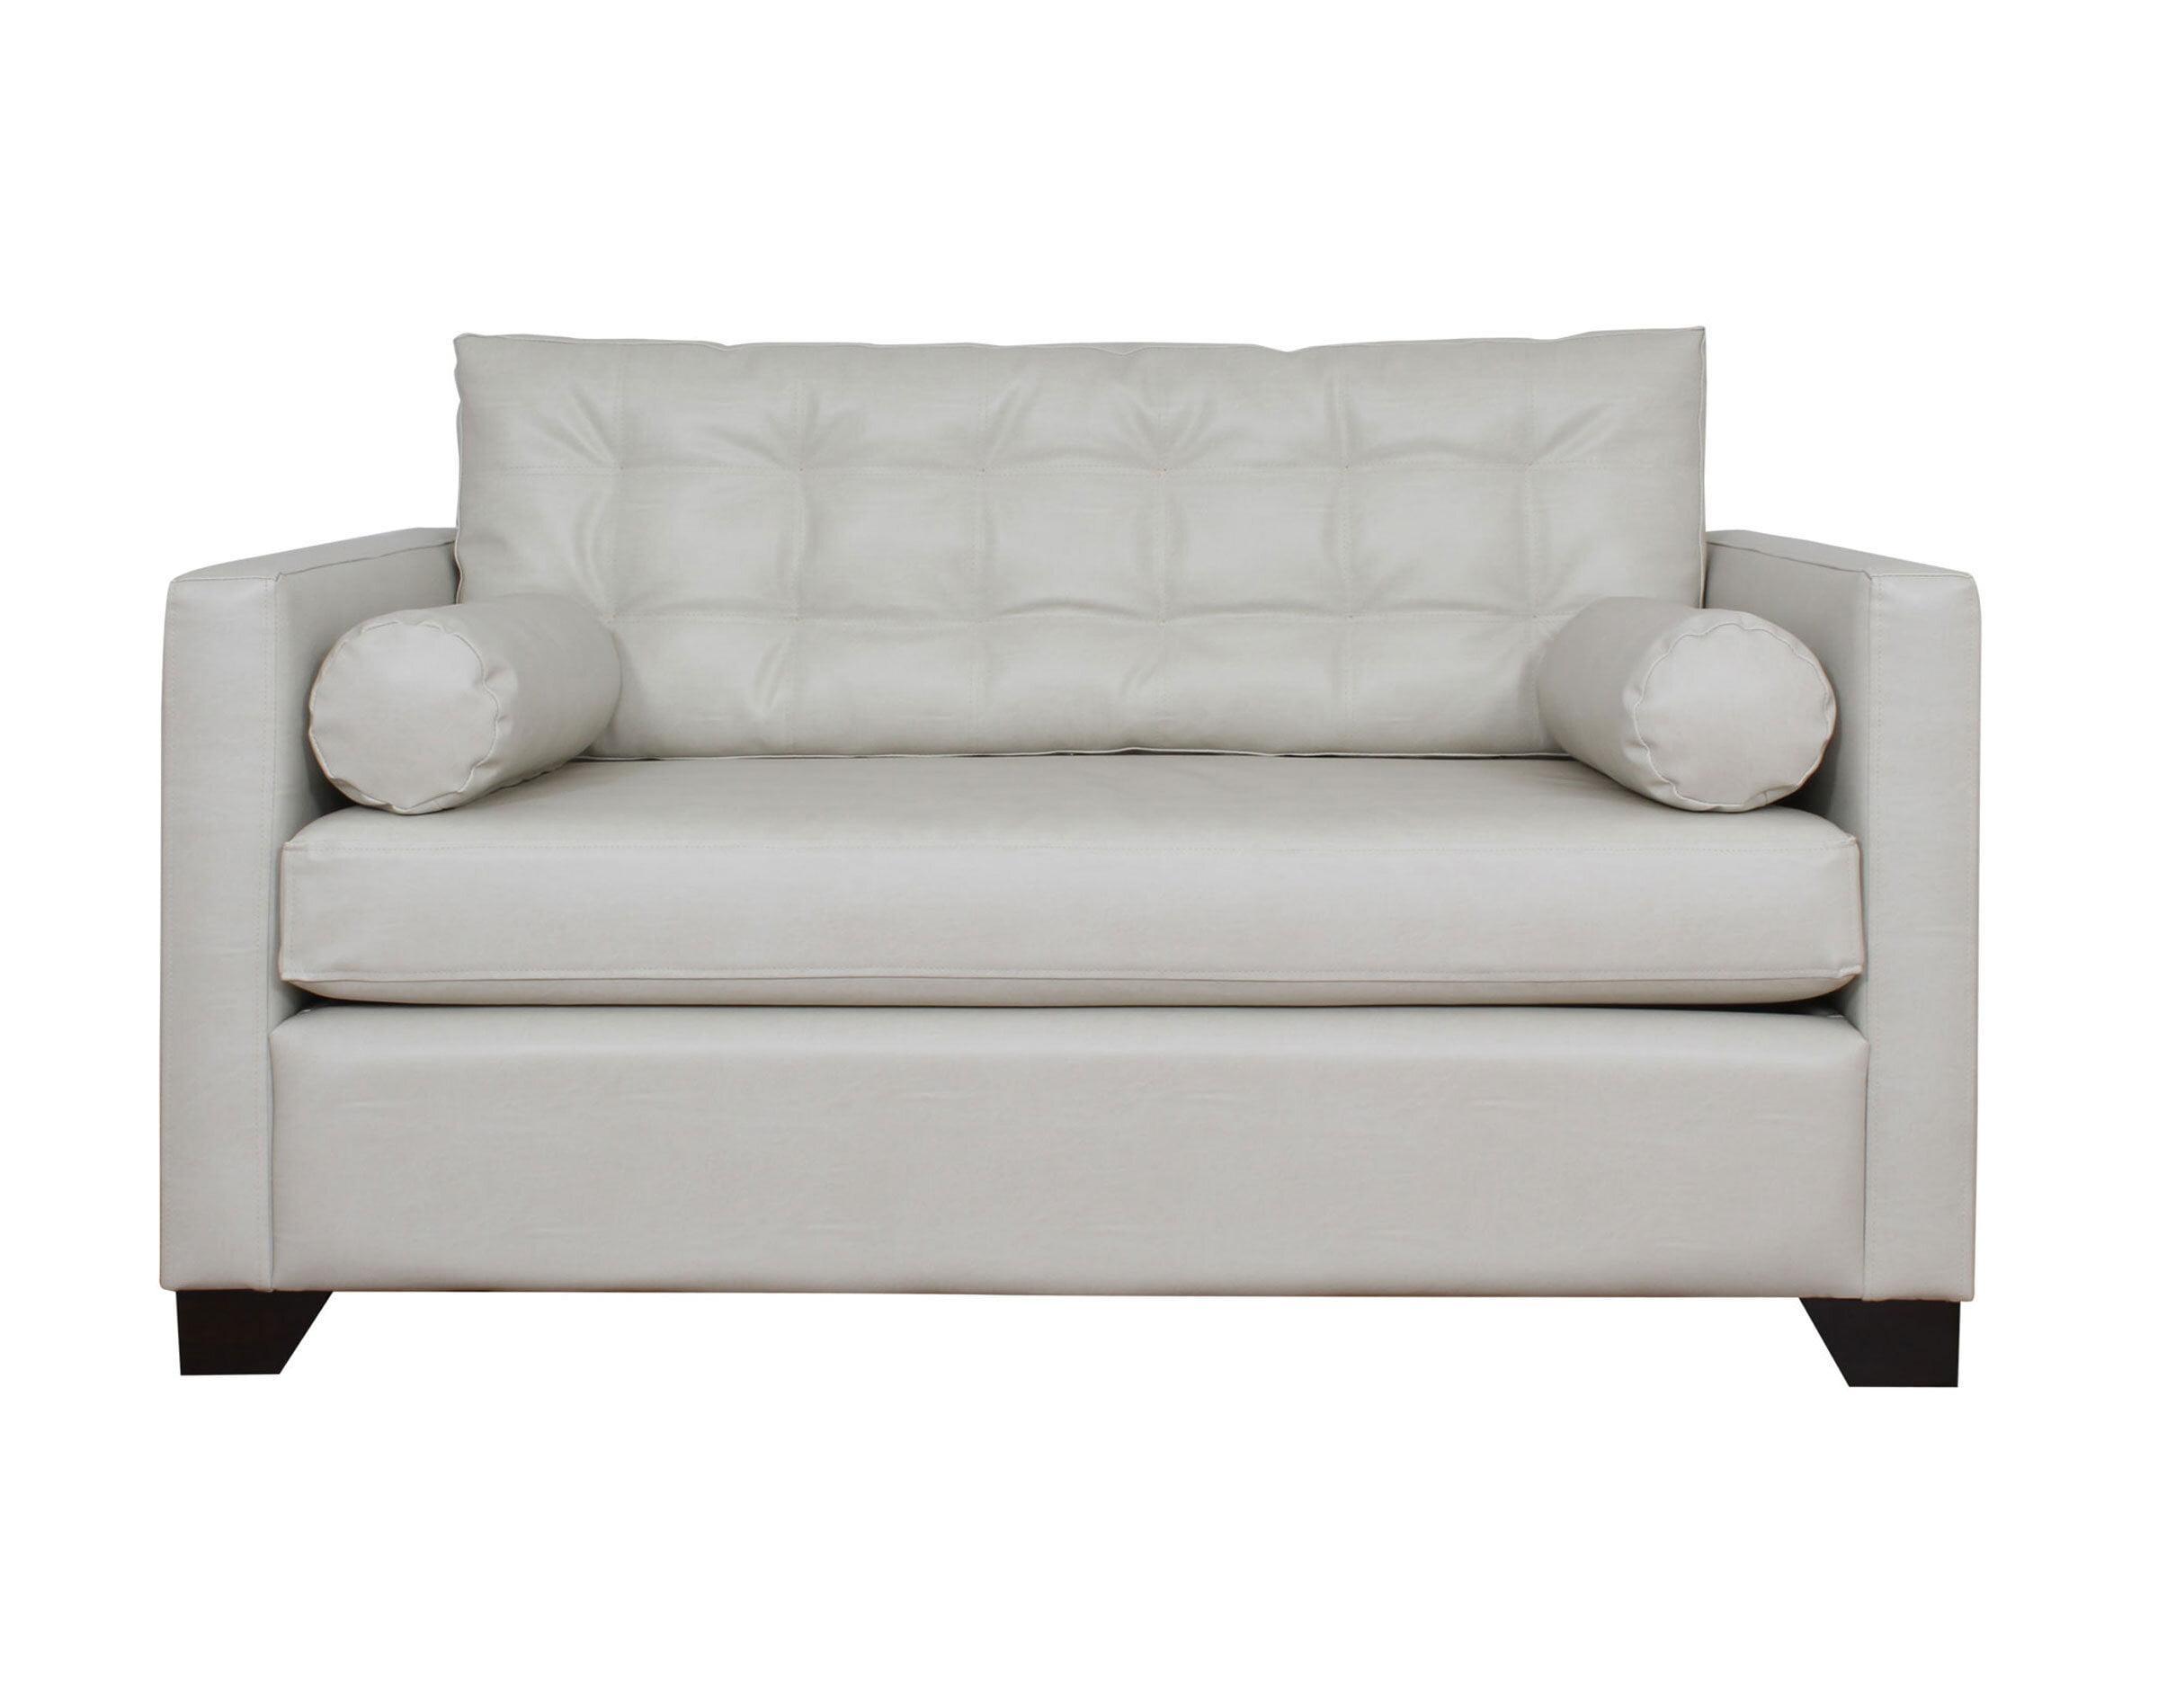 Sofa Cam 1 Plazas Tirador Pu2222